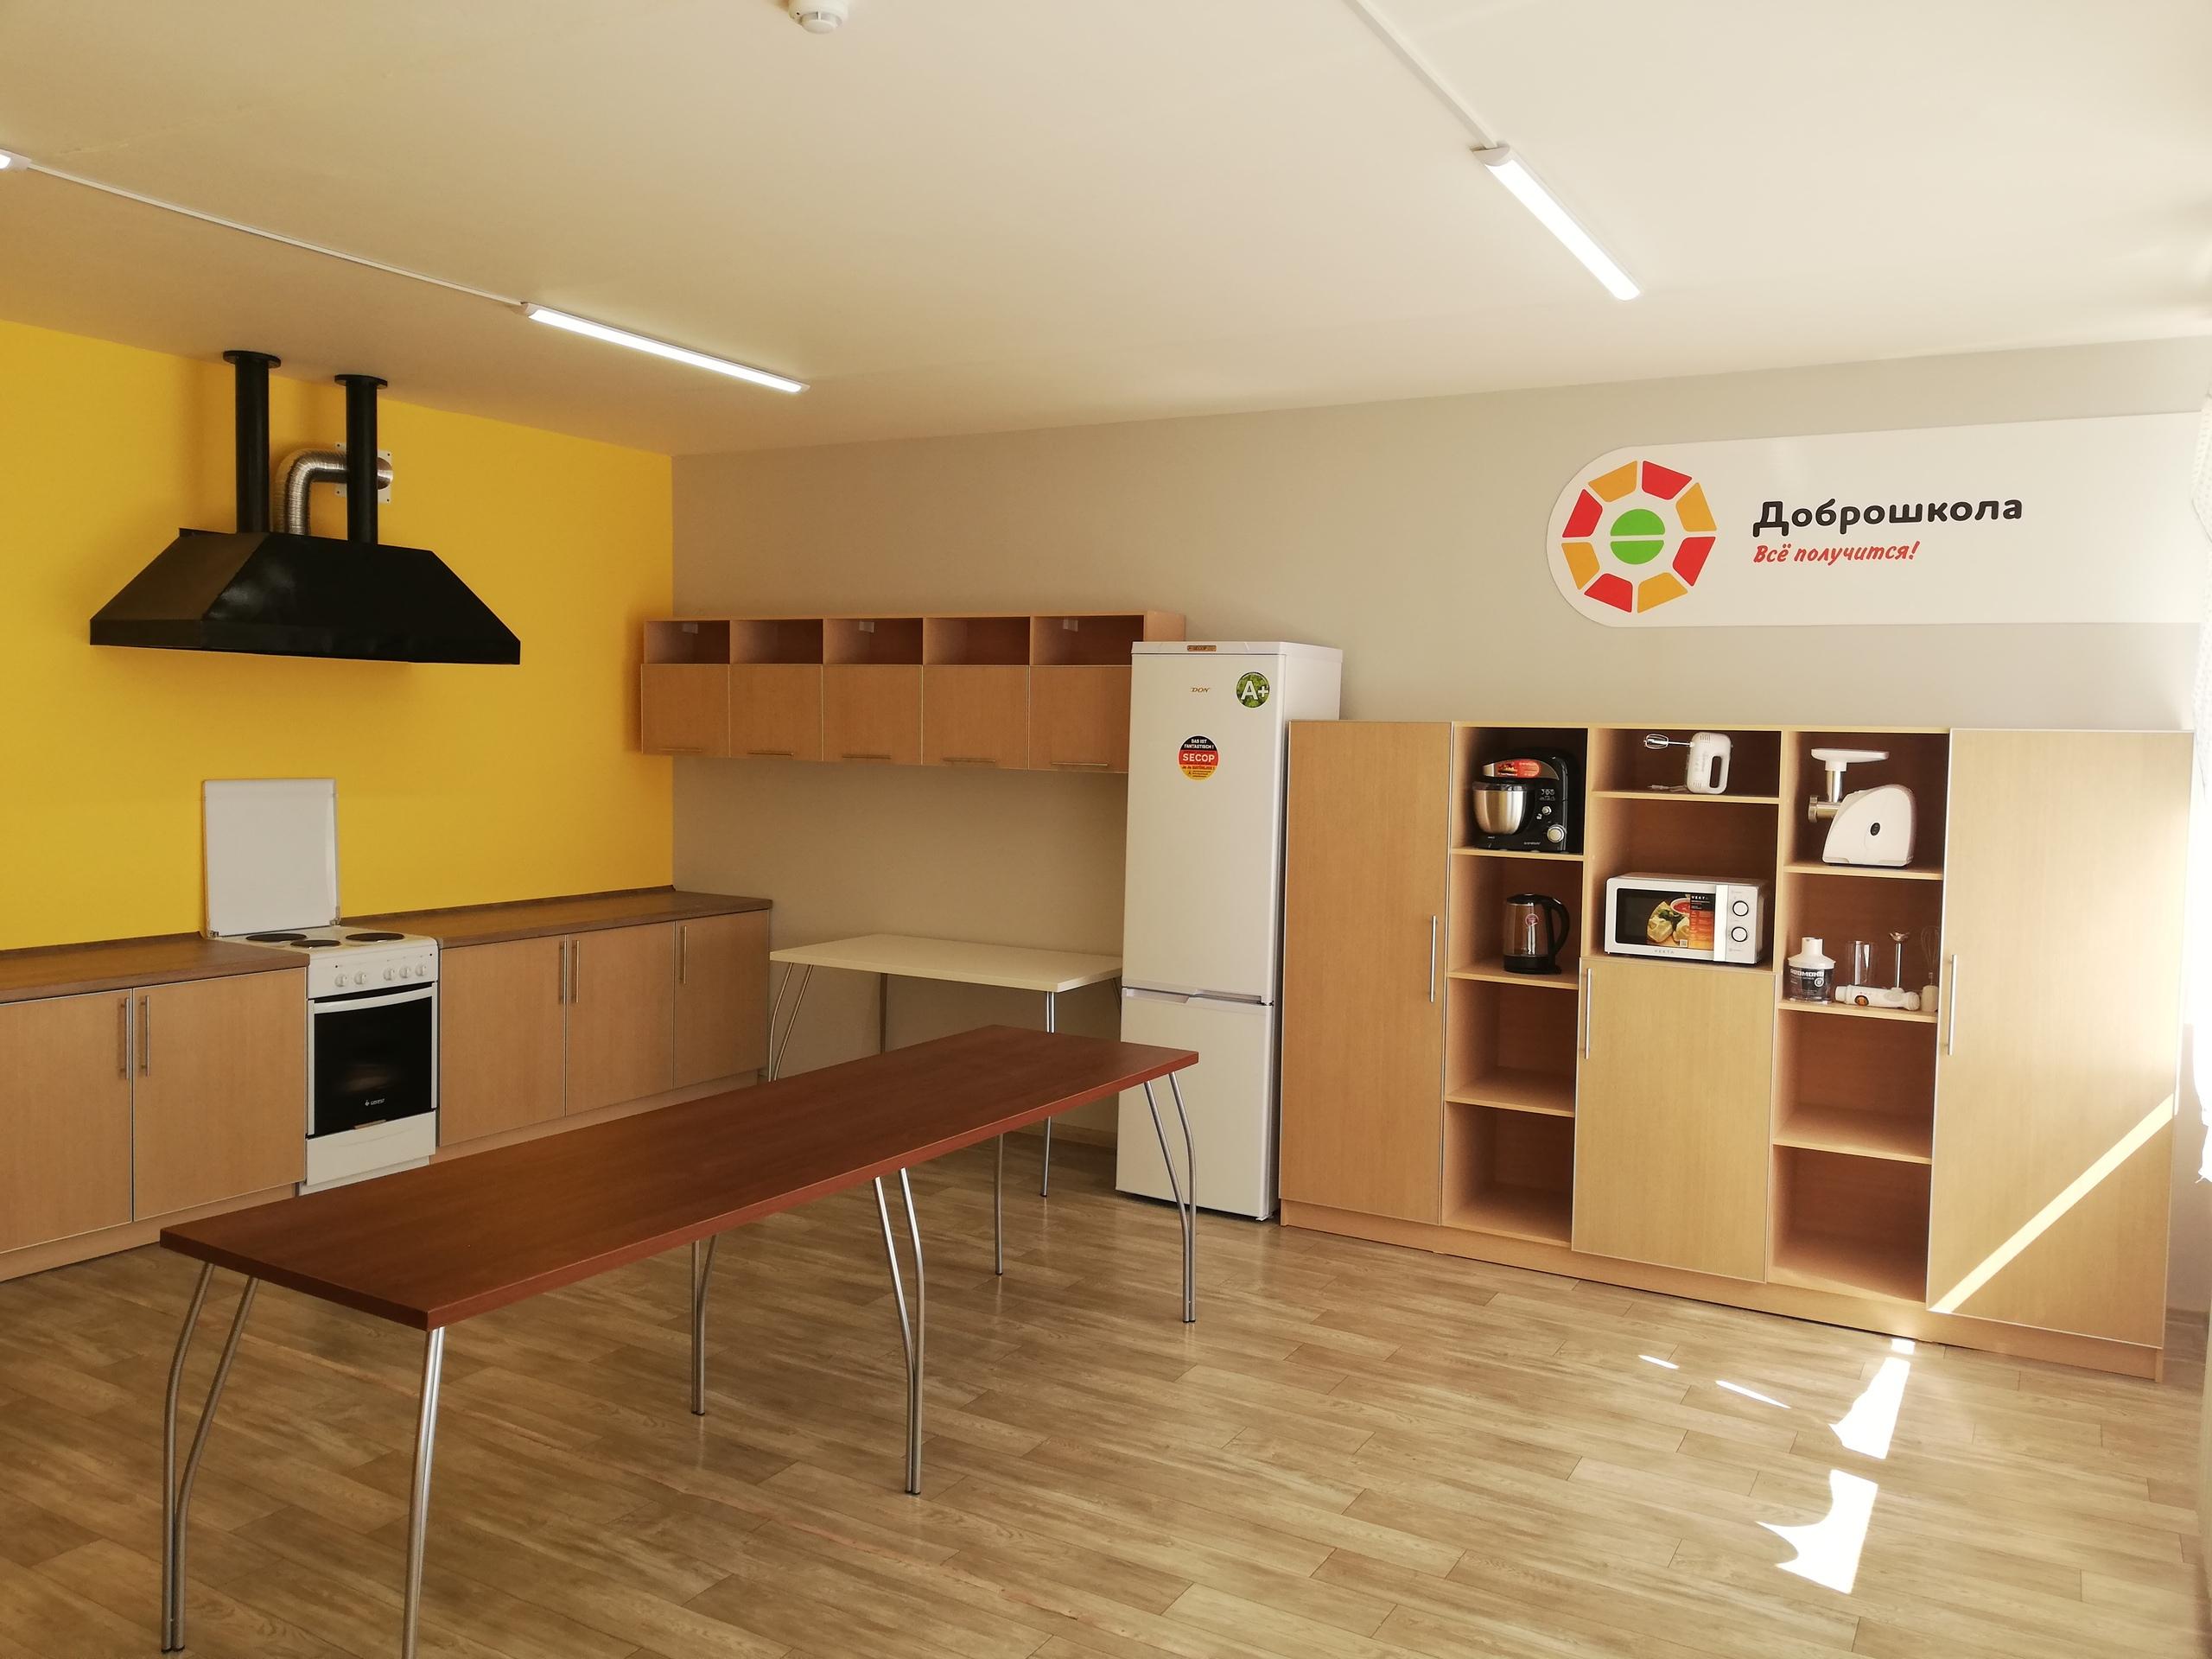 Козьмодемьянская школа-интернат получила новое современное оборудование